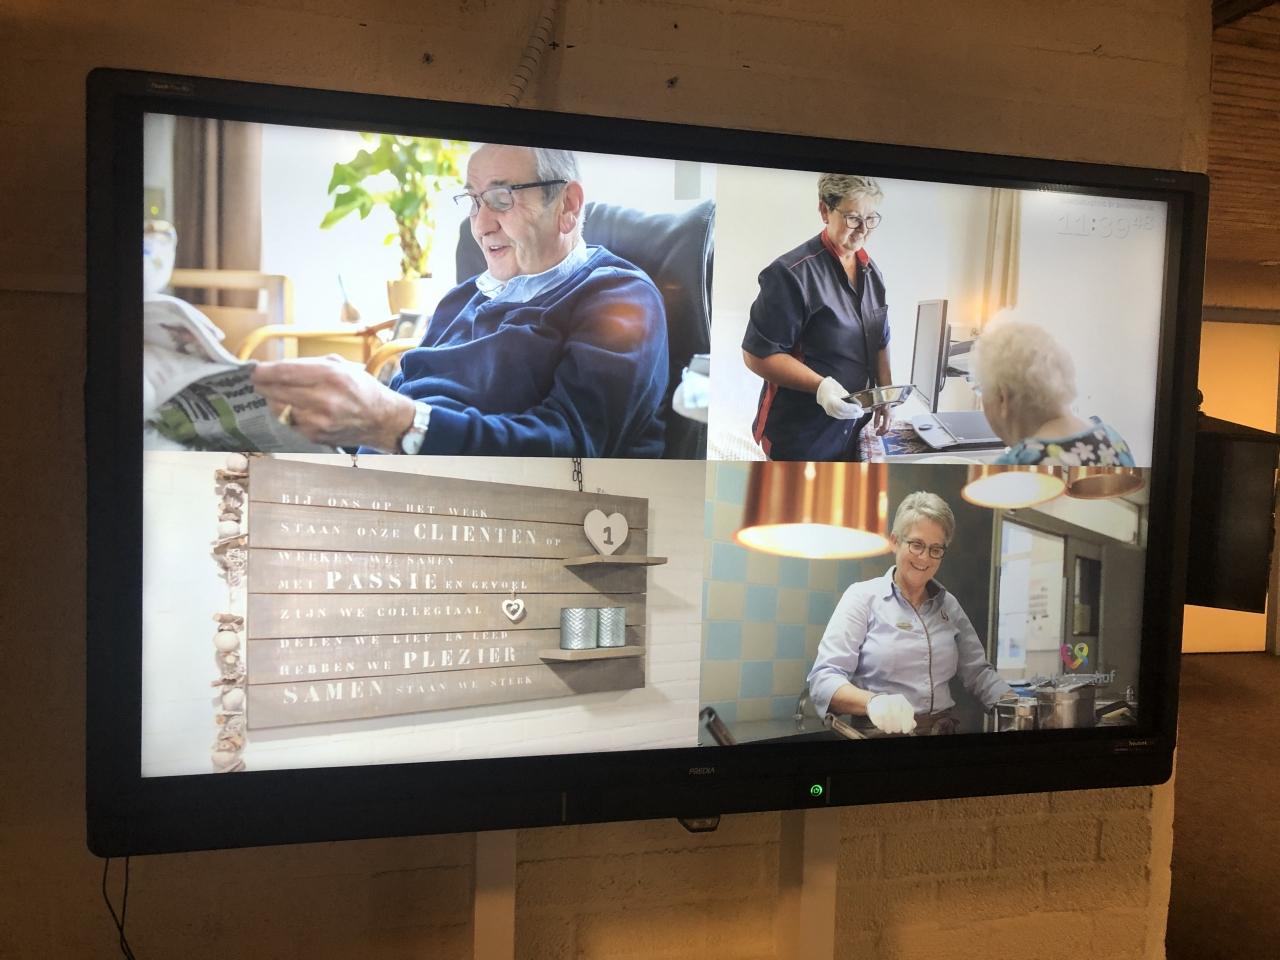 TV-scherm in de hal